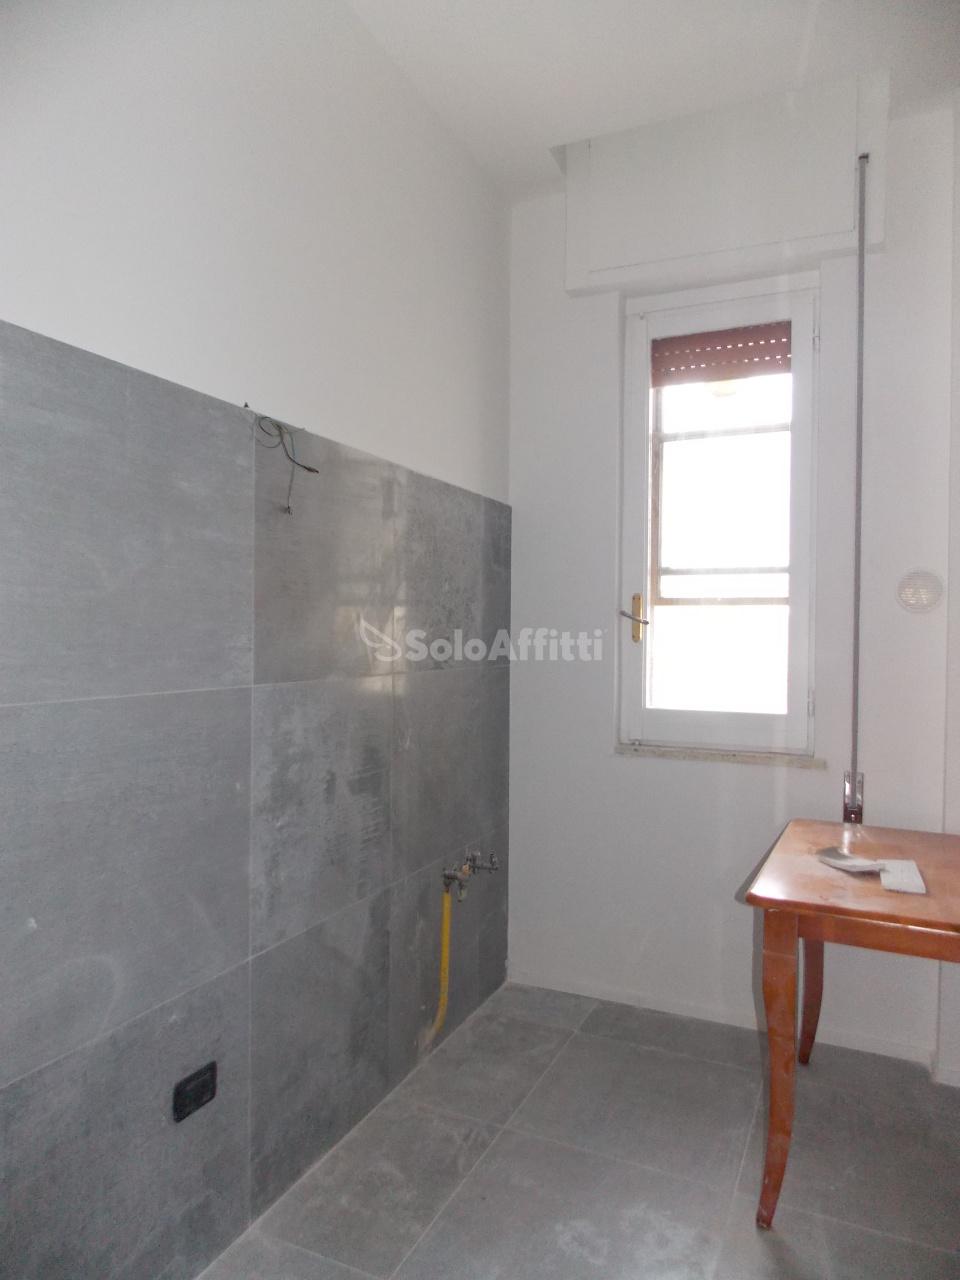 Bilocale in buone condizioni arredato in affitto Rif. 8001467